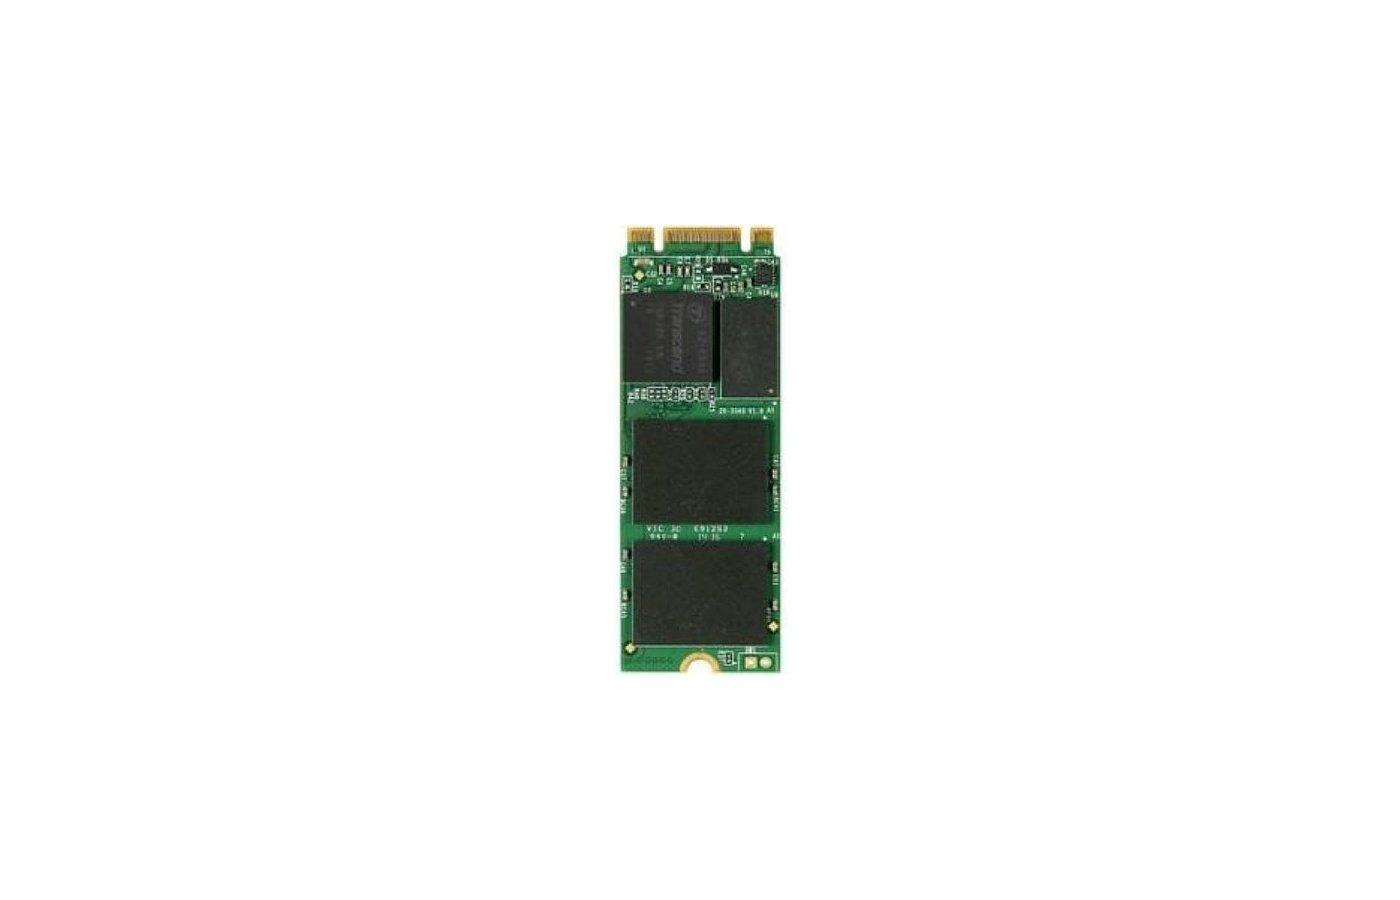 SSD жесткий диск Transcend TS128GMTS600 128GB SATA3 MTS600 M.2 SSD